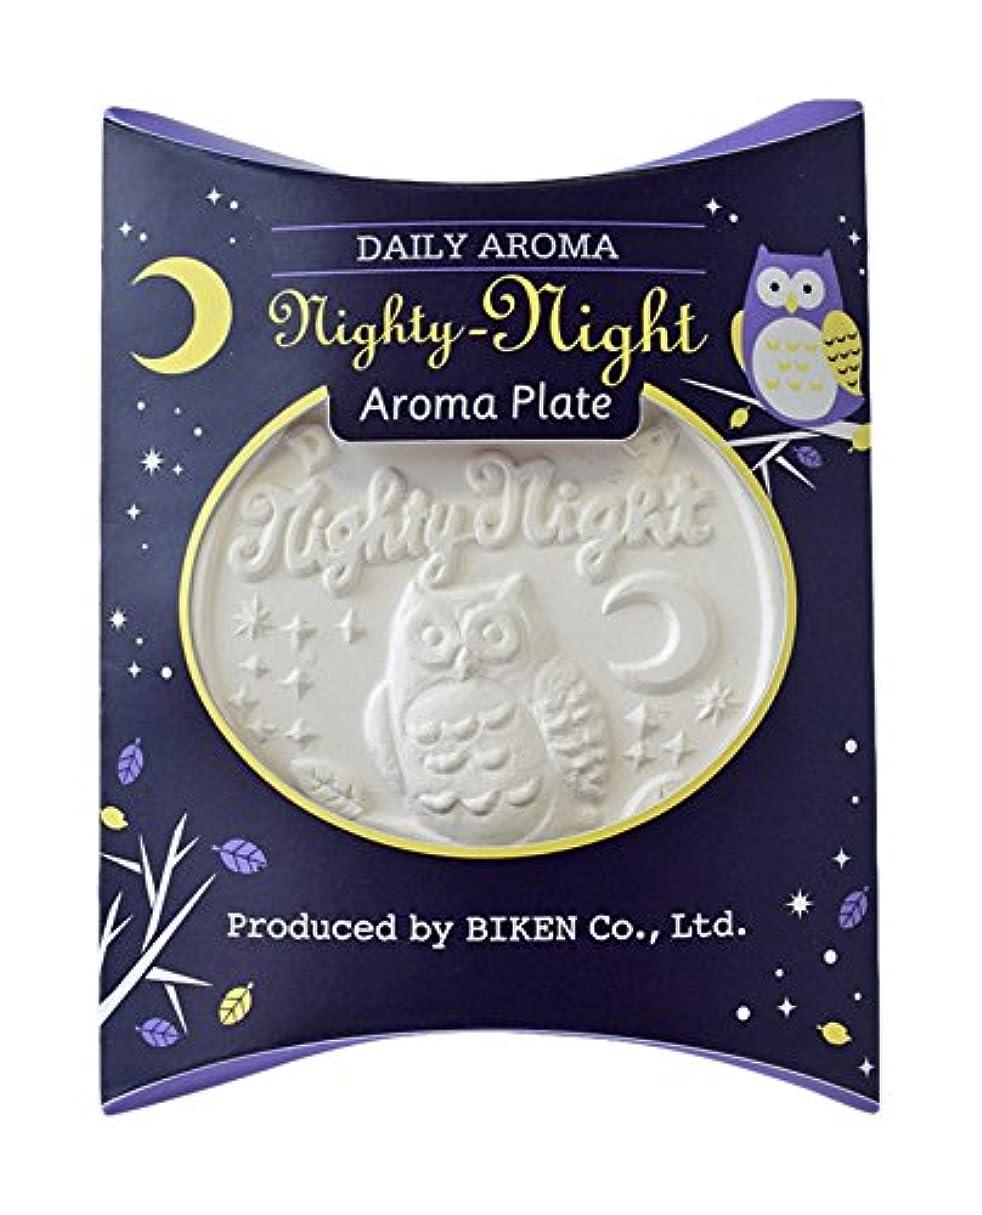 受粉するペパーミント合体Nighty-Night アロマプレート